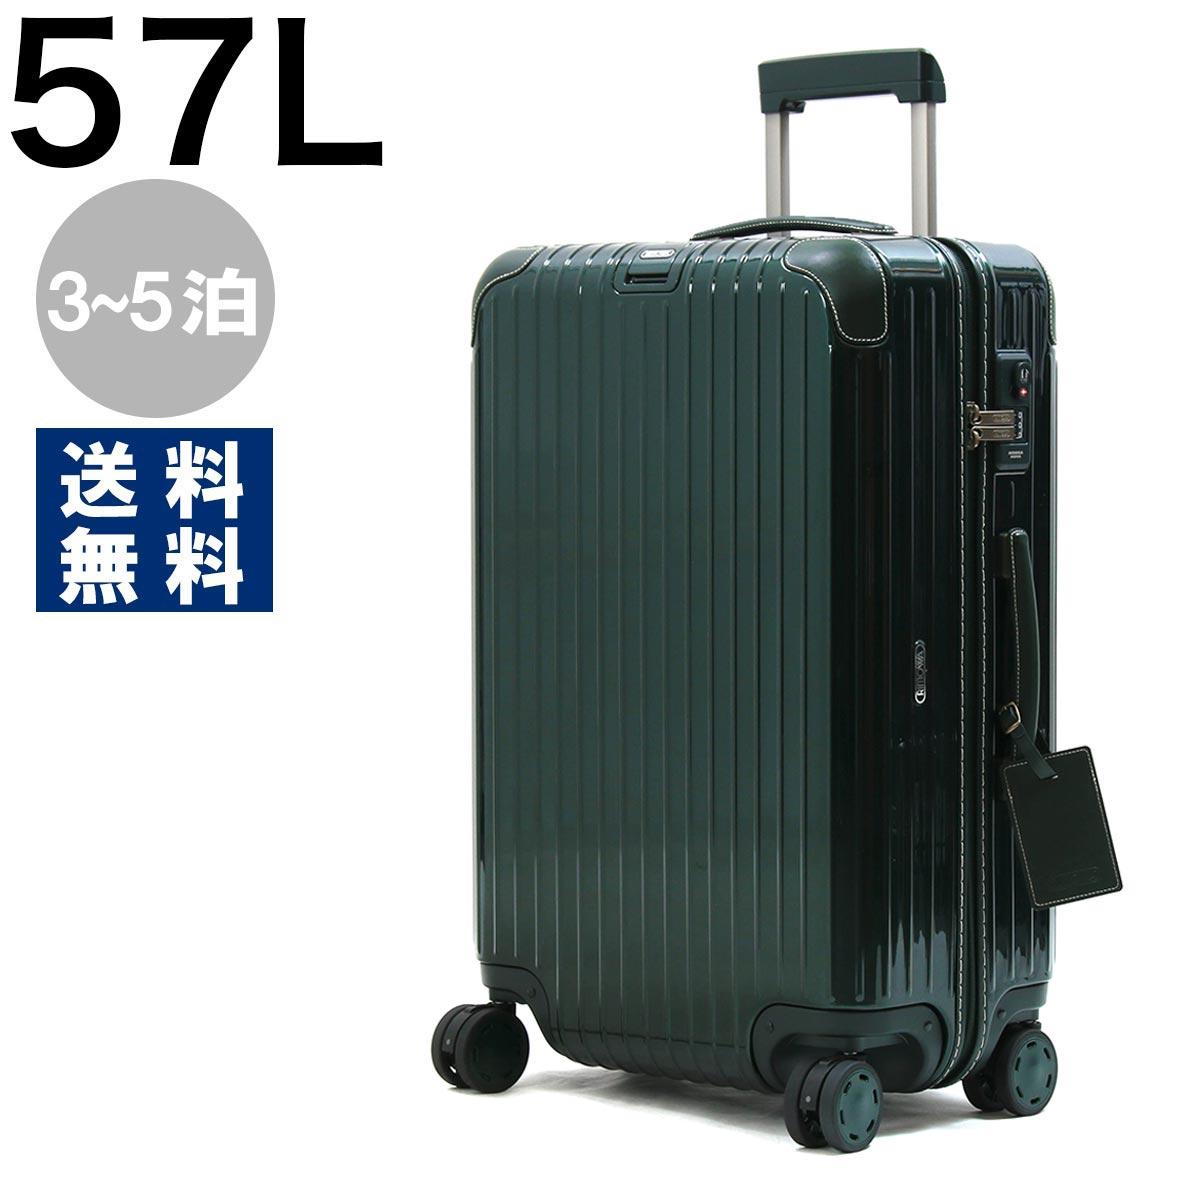 リモワ スーツケース/旅行用バッグ バッグ メンズ レディース ボサノバ 57L 3~5泊 ジェットグリーン 870.63.40.4 RIMOWA